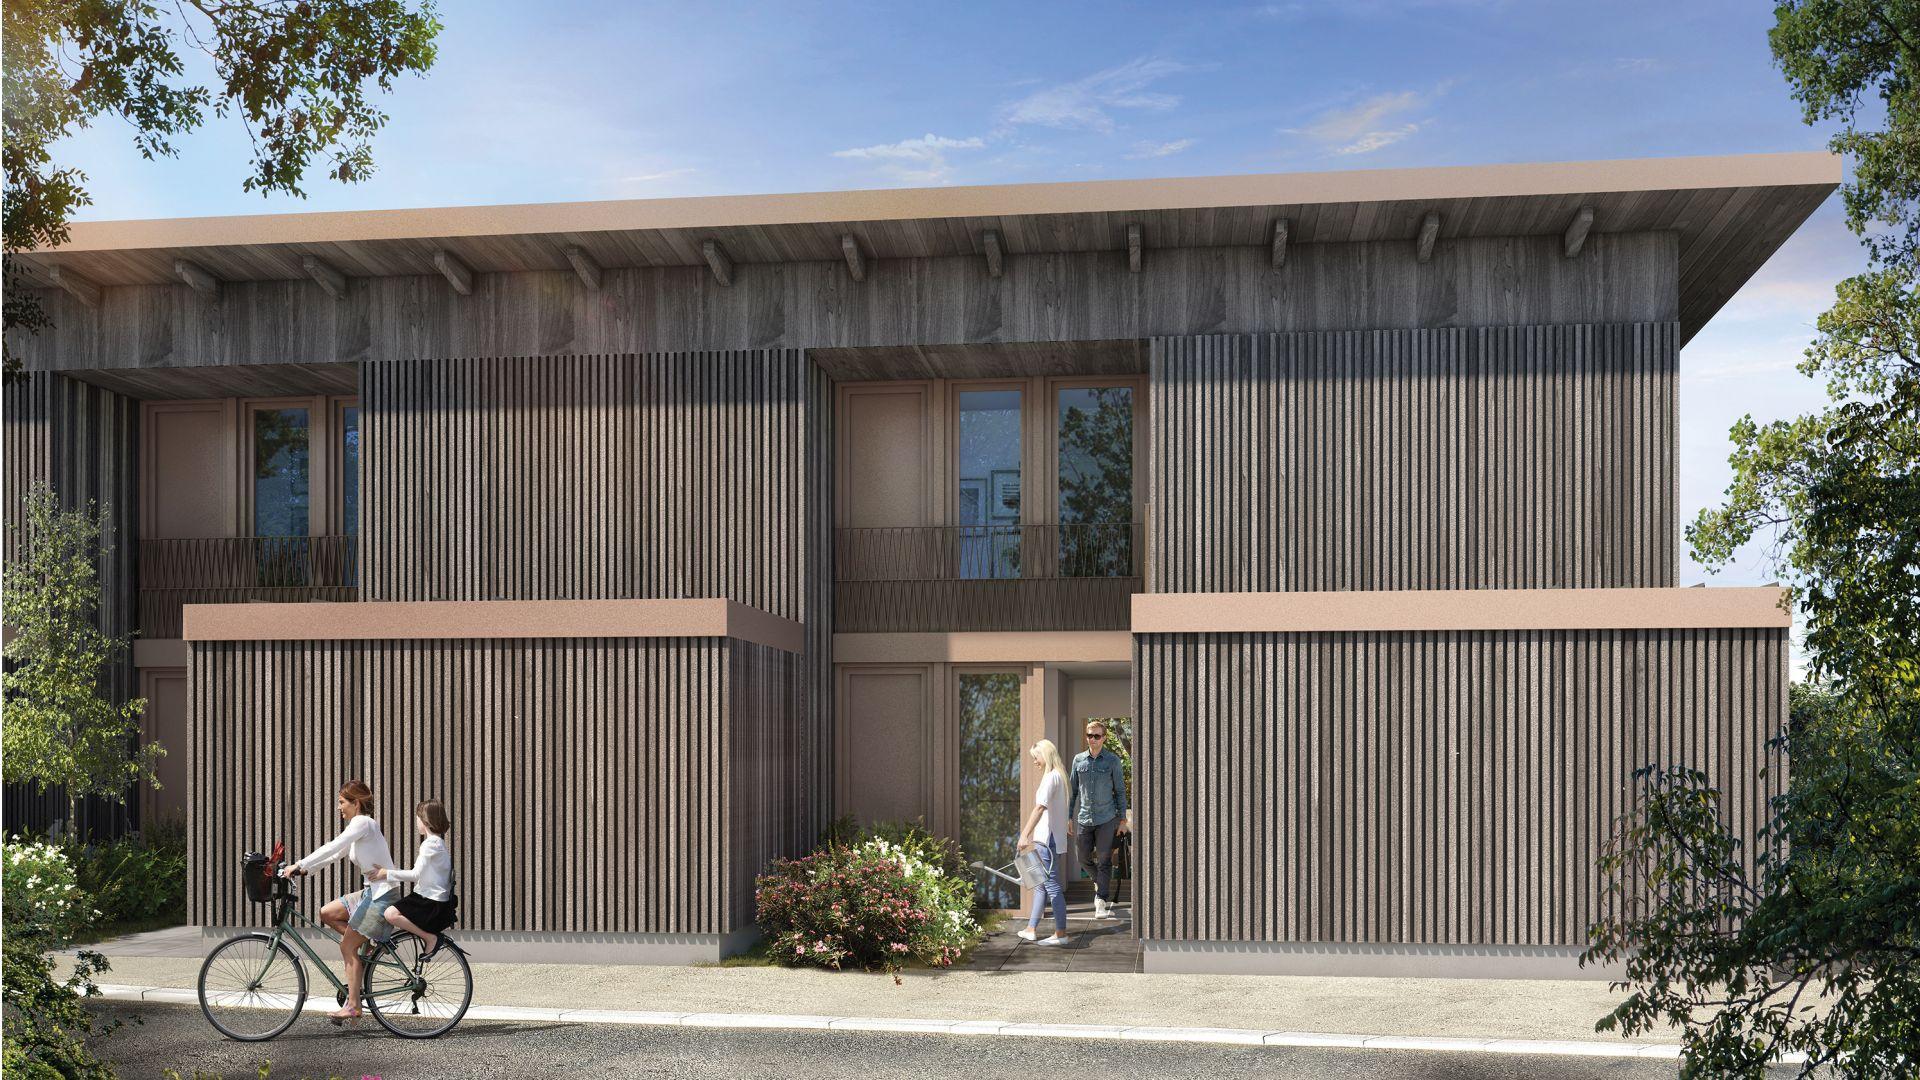 Greencity Immobilier - Résidence Carré Flore - 31700 Cornebarrieu - achat immobilier neuf - appartements et villas  du T2 au T5 - villa